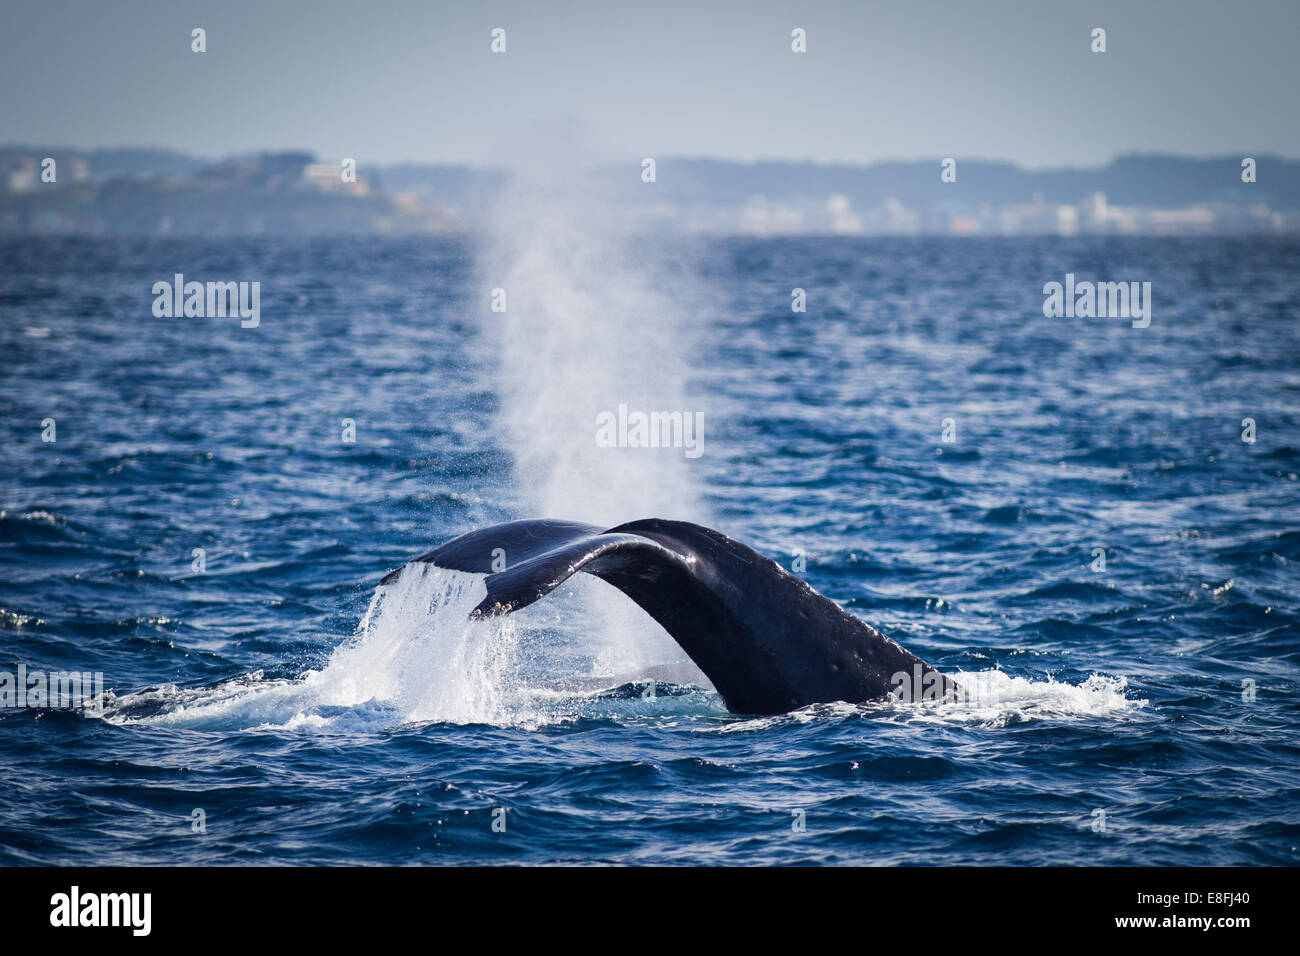 Buceo de ballenas en el océano, Okinawa, Japón Foto de stock